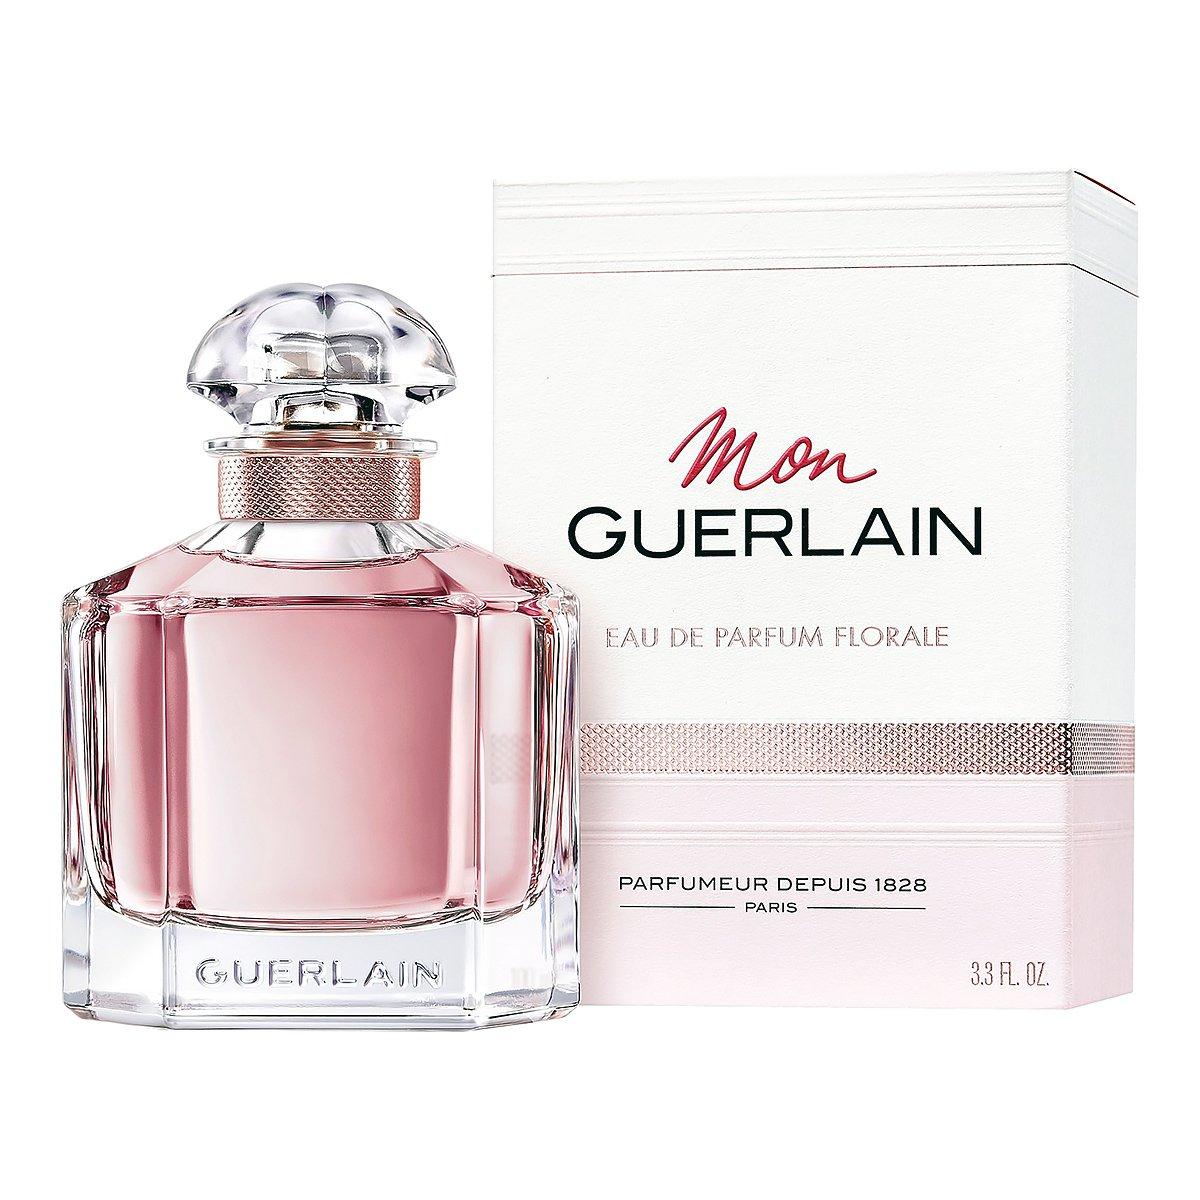 Лучшие ароматы духов Guerlain и какова их стоимость